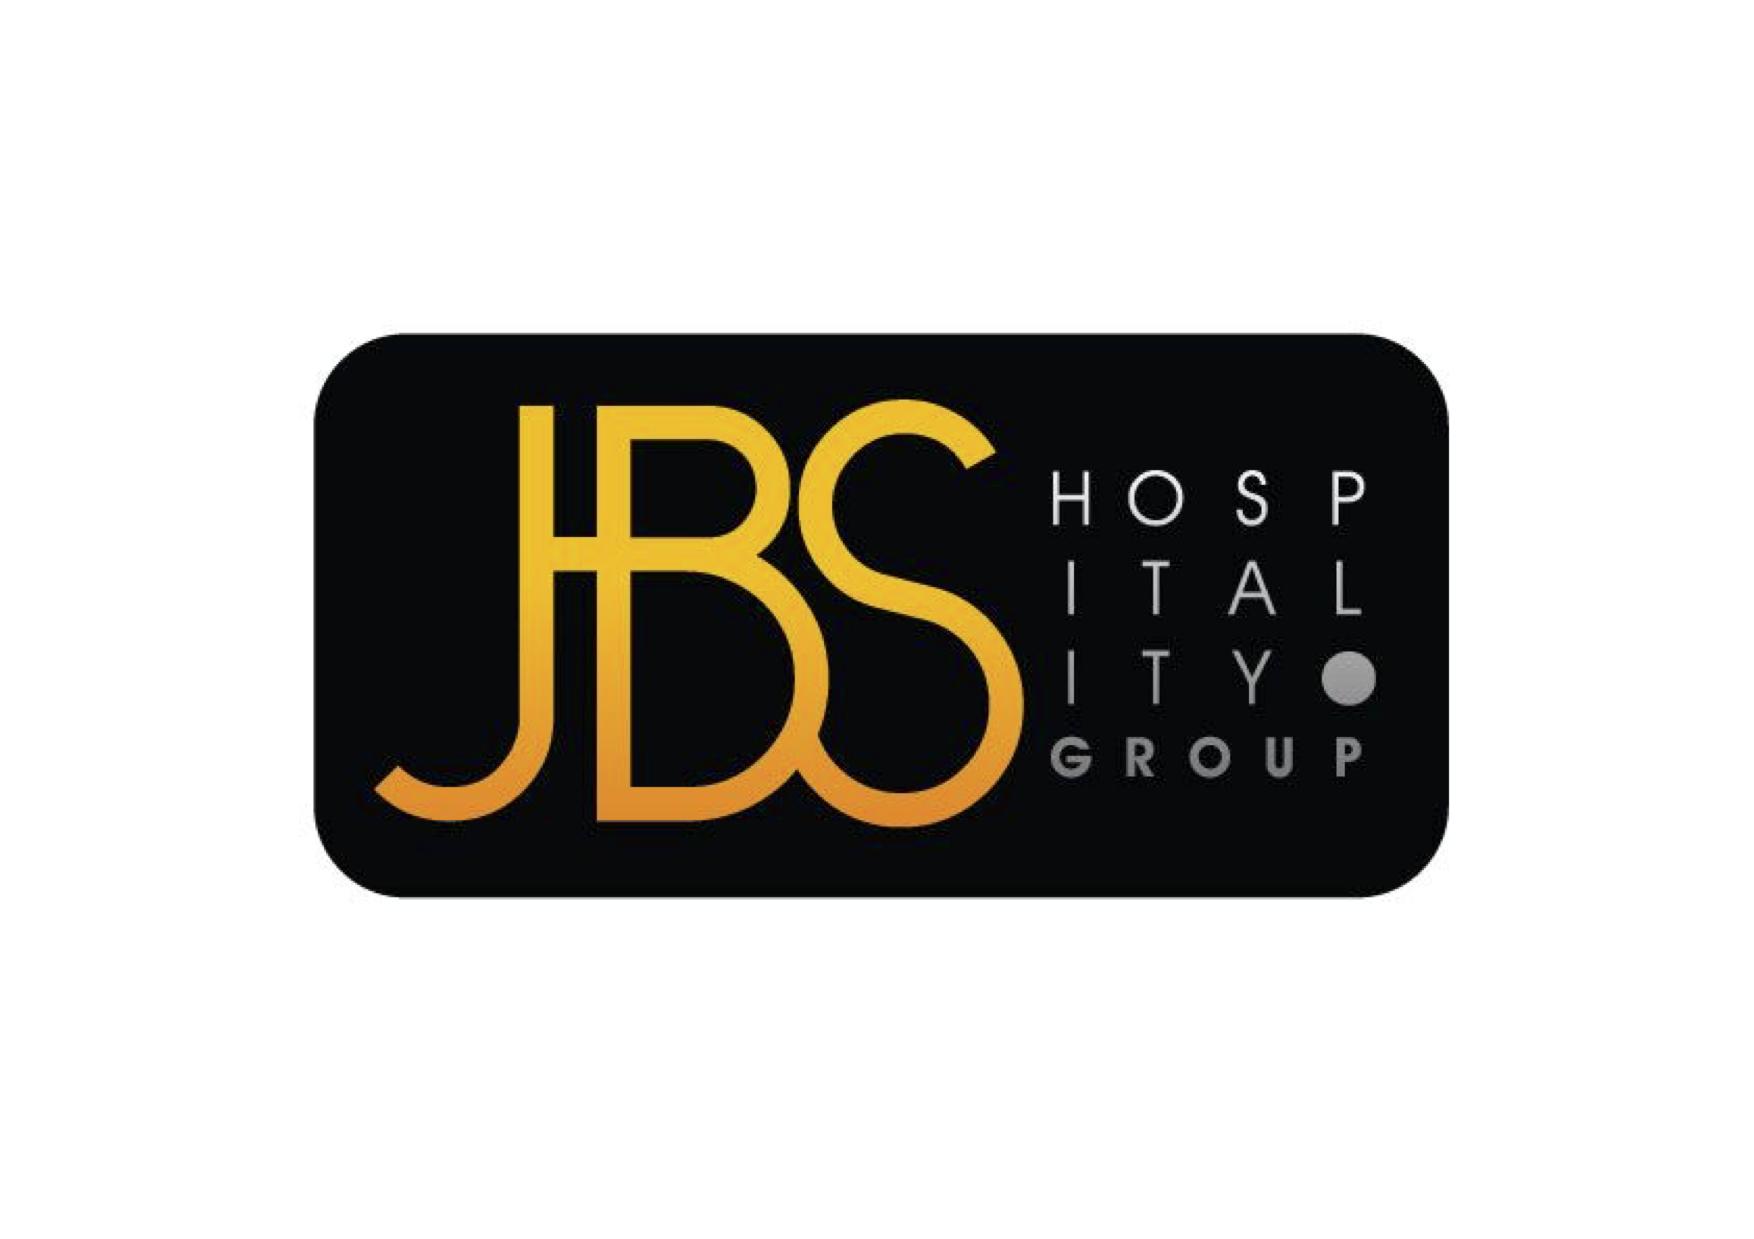 JBS Hospitality